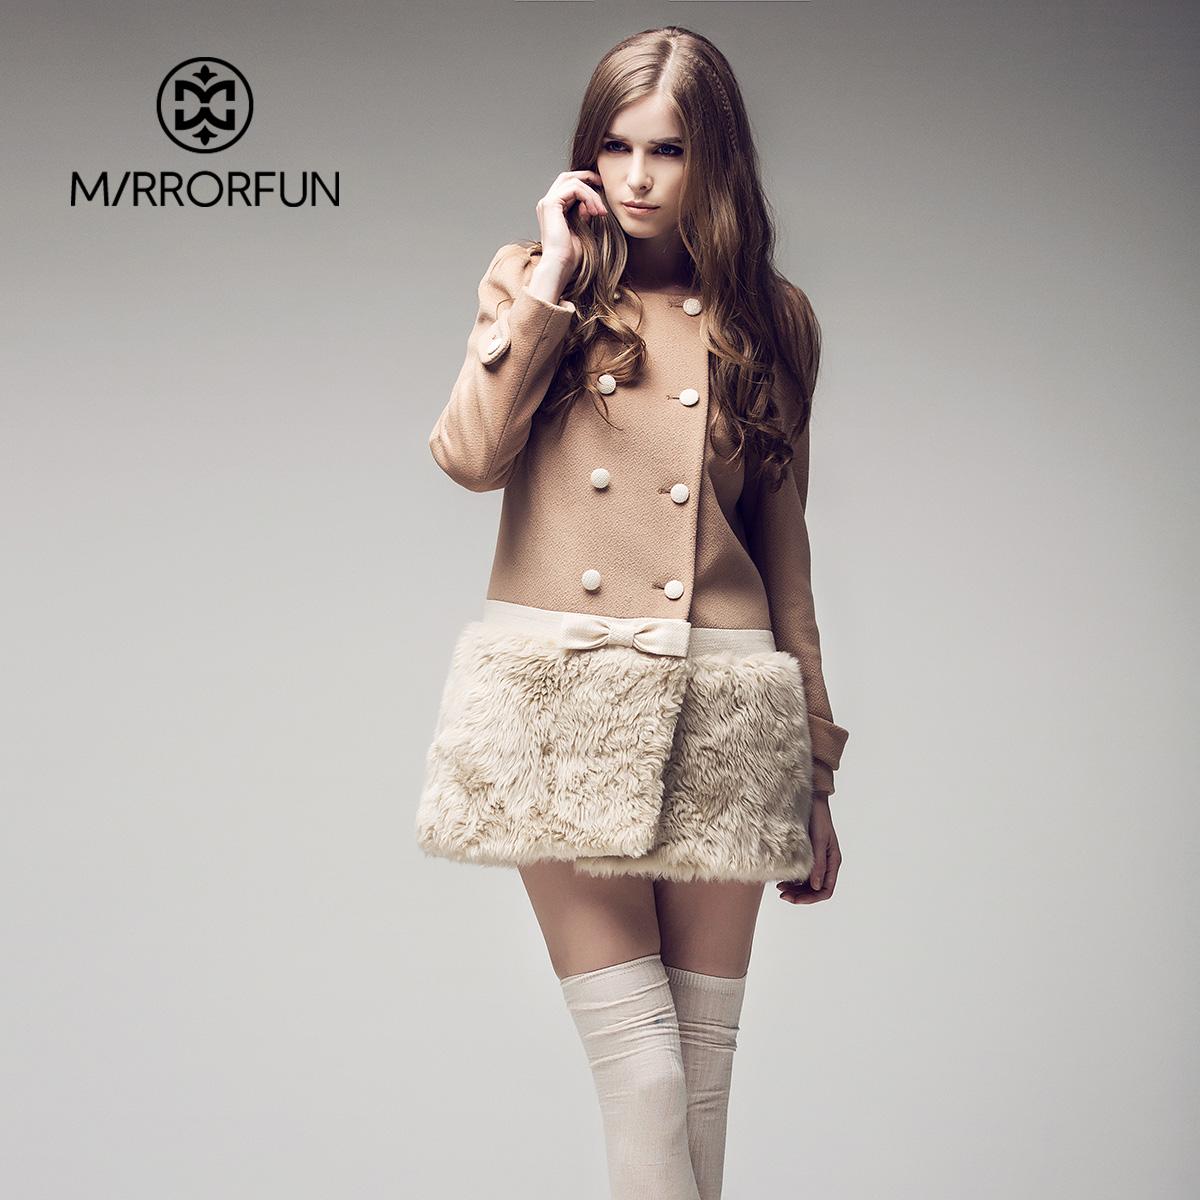 женское пальто Mirror Fun m34901 2013 Зима 2013 Средней длины (65 см <длины одежды ≤ 80 см) Mirror Fun Длинный рукав Классический рукав